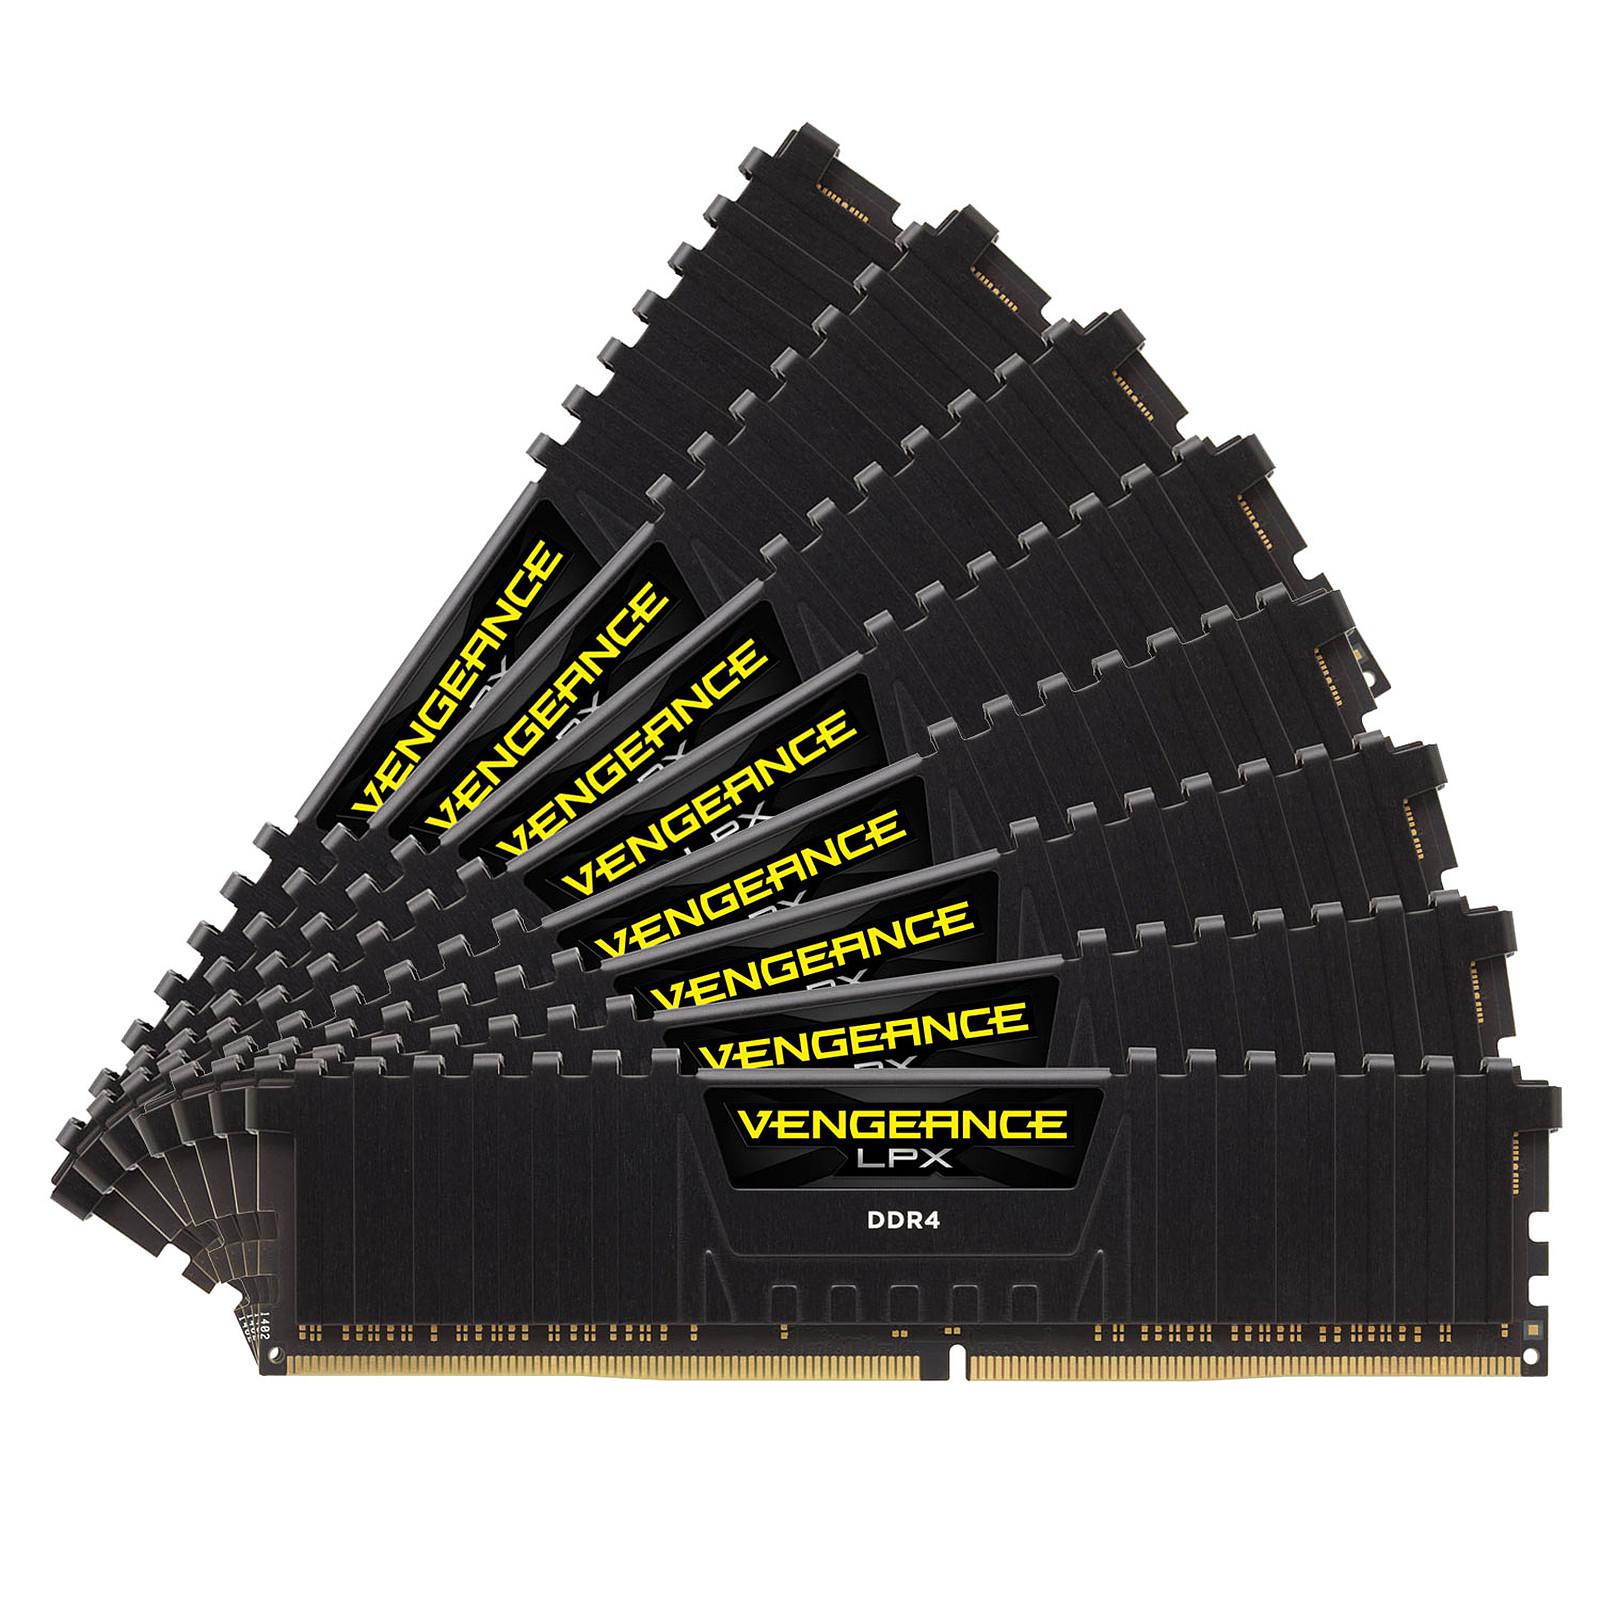 Corsair Vengeance LPX Series Low Profile 128GB (8x 16GB) DDR4 2933 MHz CL16